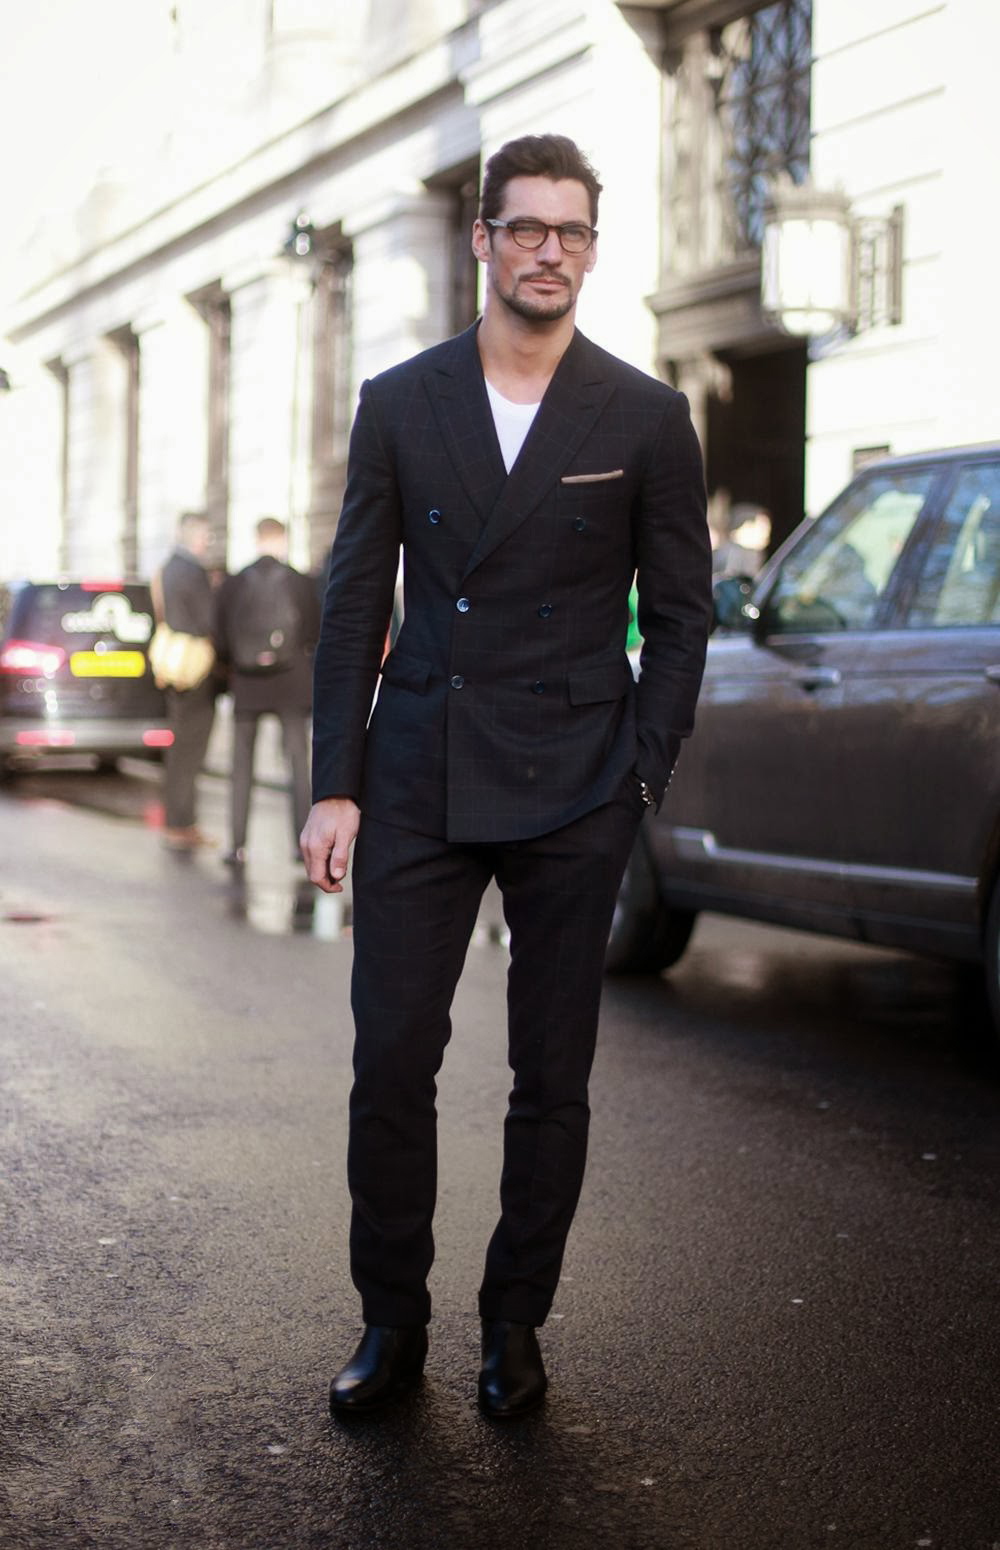 3 - David Gandy. Falando em alfaiataria, temos provavelmente o mais claro exemplo da escola britânica. David Gandy, o modelo mais famoso do planeta mostra como preservar toda tradição da costura sem perder a elegância.